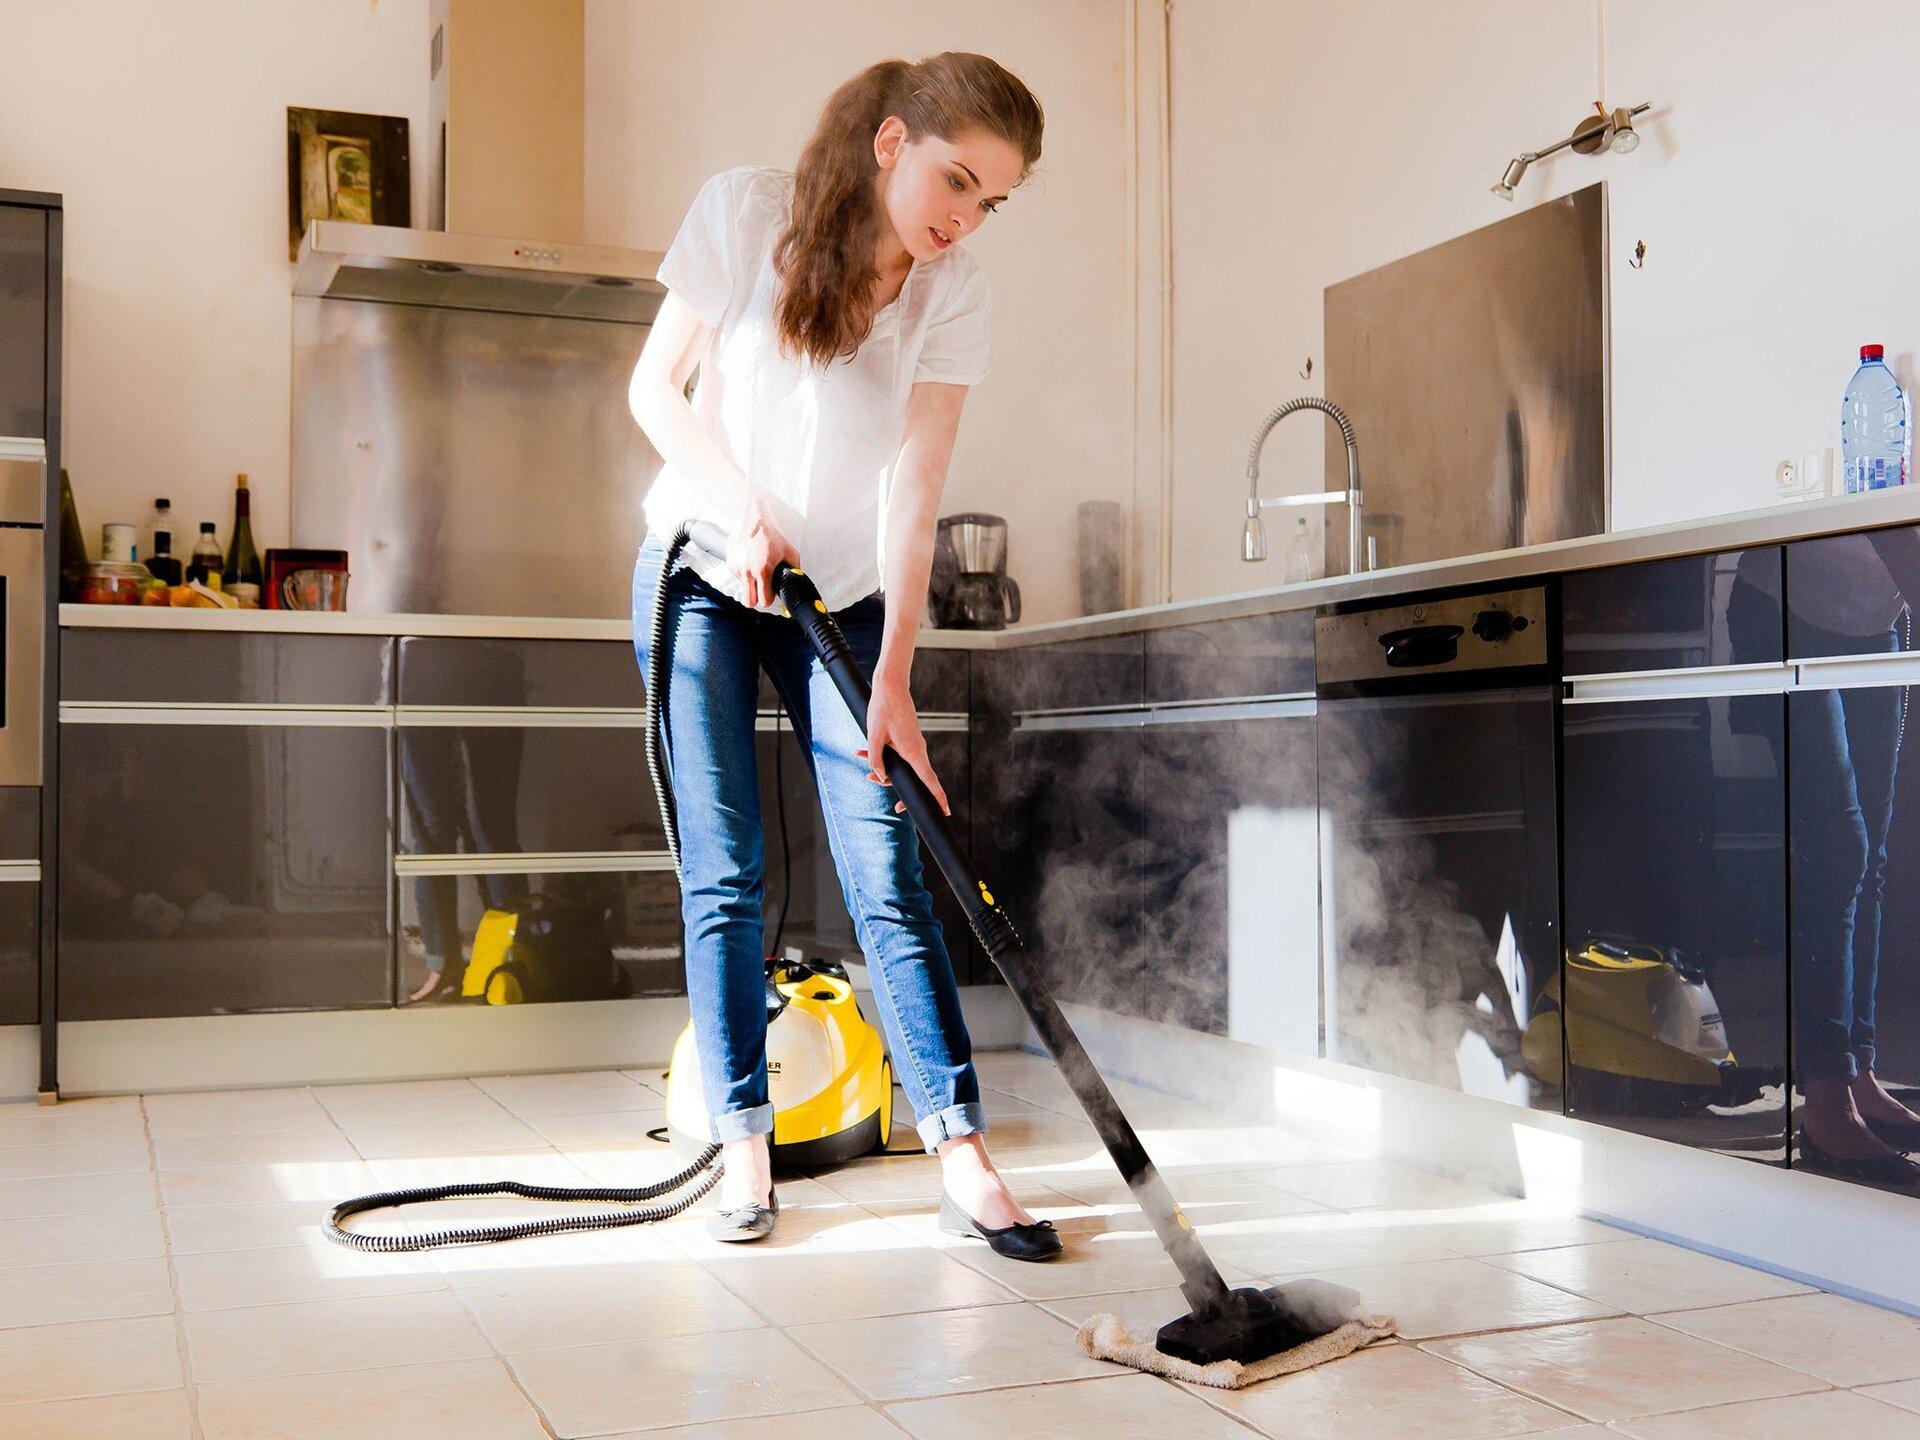 Prosept Multipower Floor концентрат для мытья полов - фото мытье полов